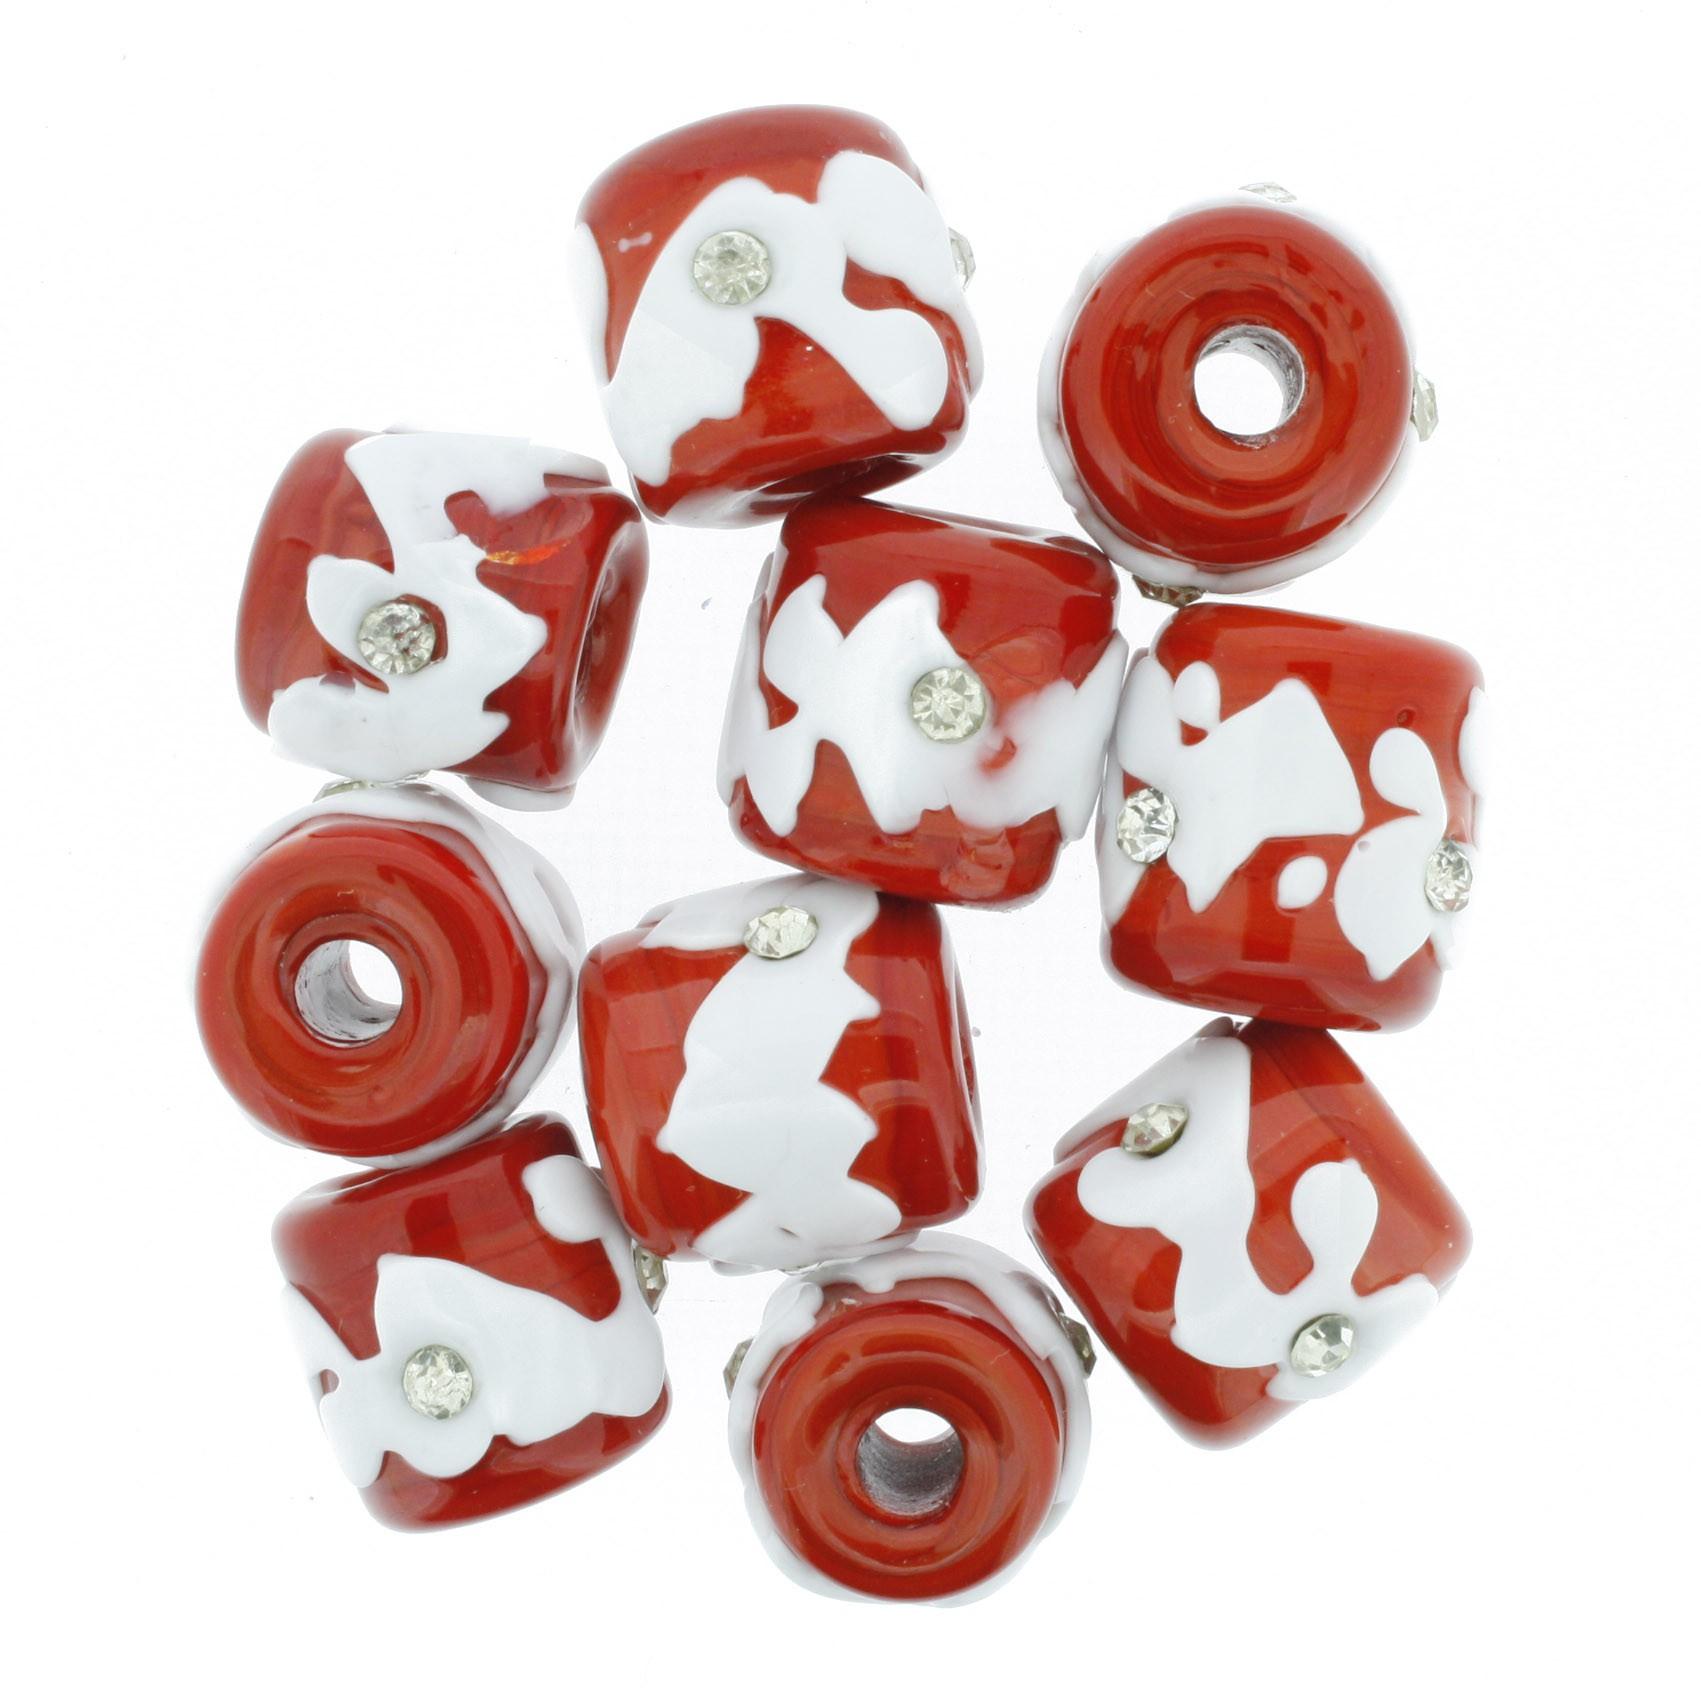 Firmas Strass - Vermelha e Branca  - Stéphanie Bijoux® - Peças para Bijuterias e Artesanato